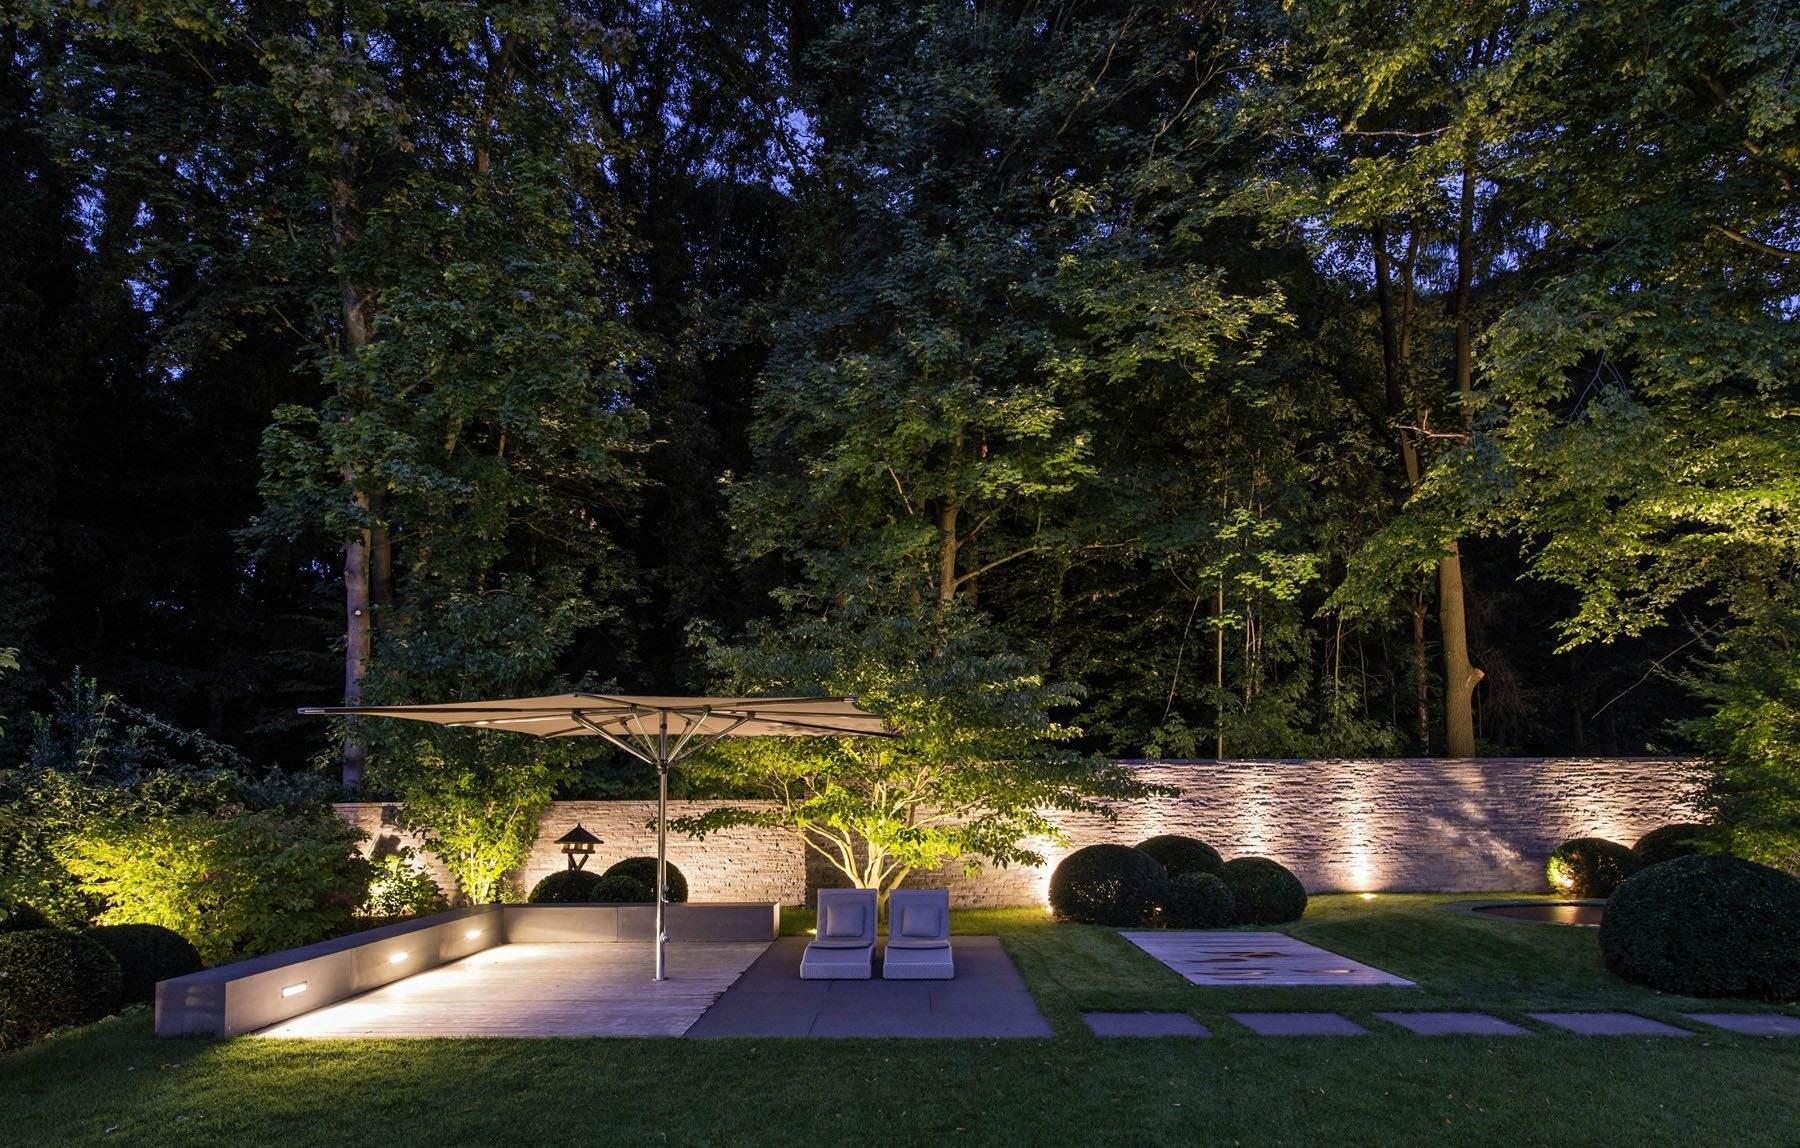 Marder Im Garten Frisch 29 Das Beste Von Licht Garten Schön